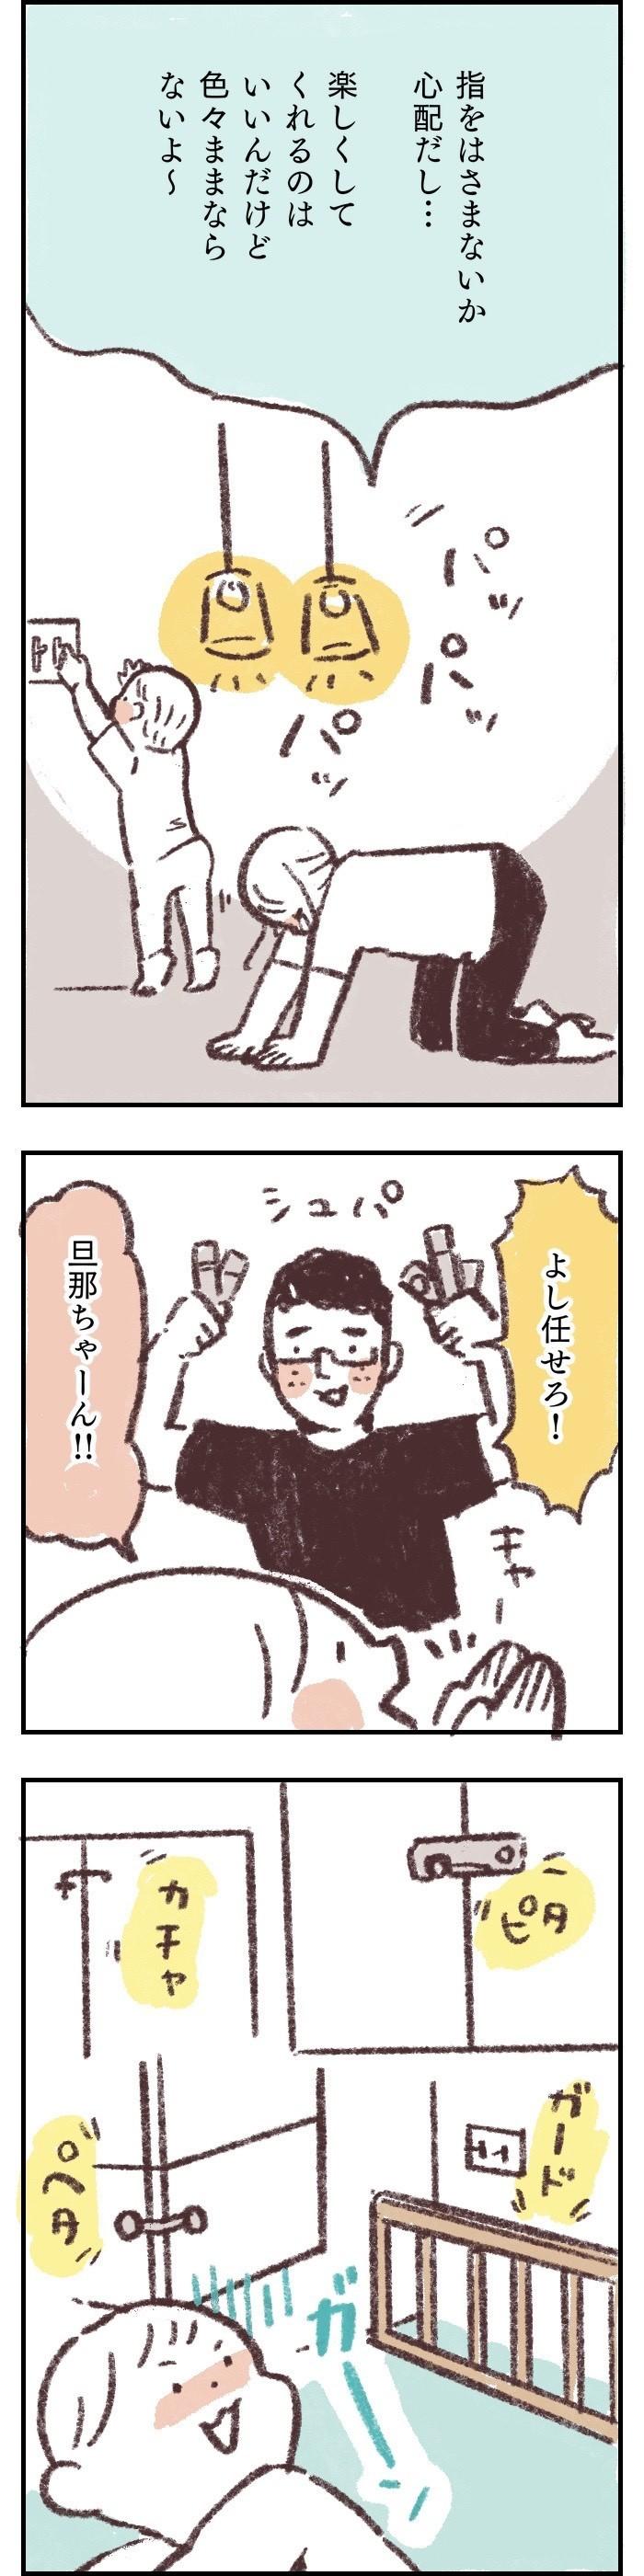 アサガオ枯れた…宿題どうする?/息子のオトナ発言!…人気記事4選!の画像3